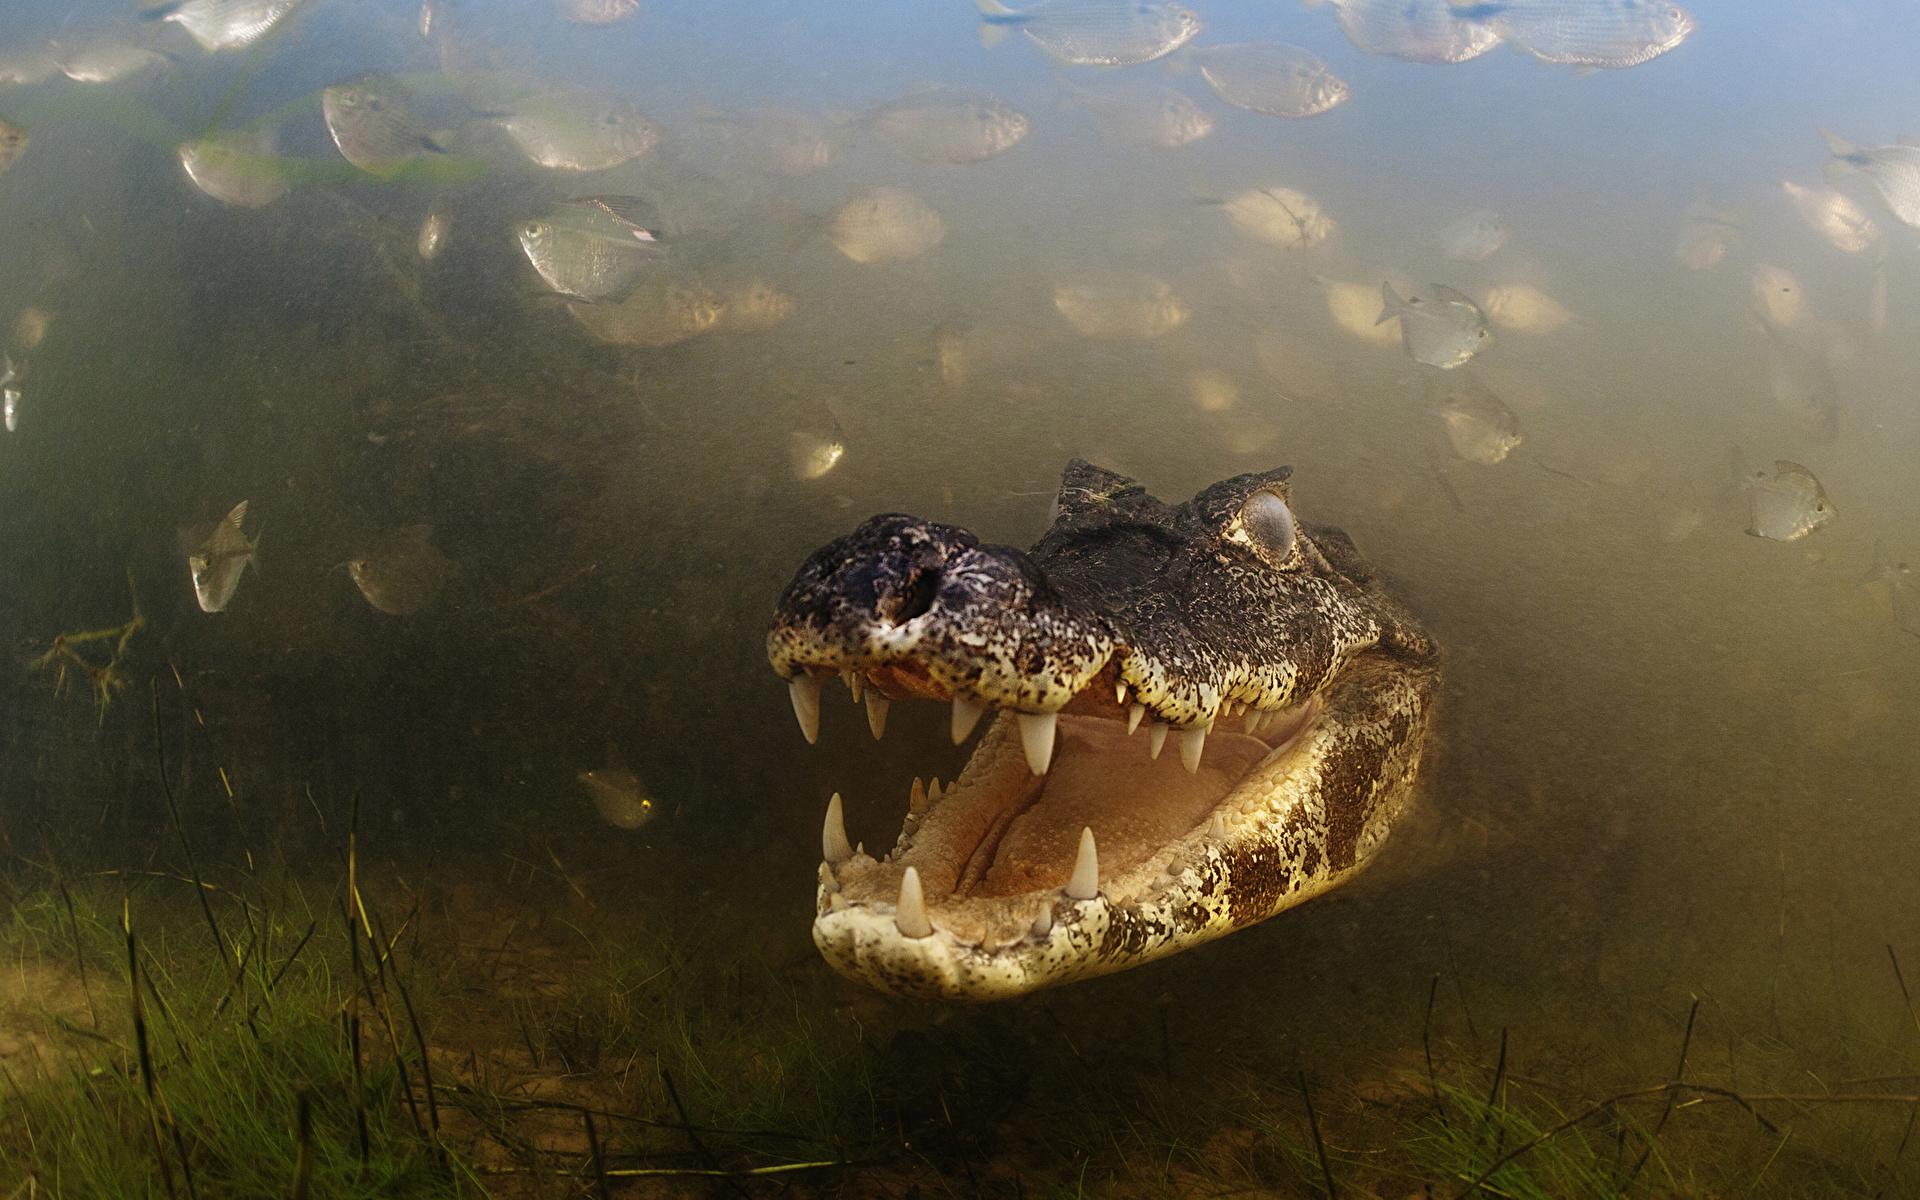 Картинки Крокодилы Подводный мир Животные 1920x1200 крокодил животное